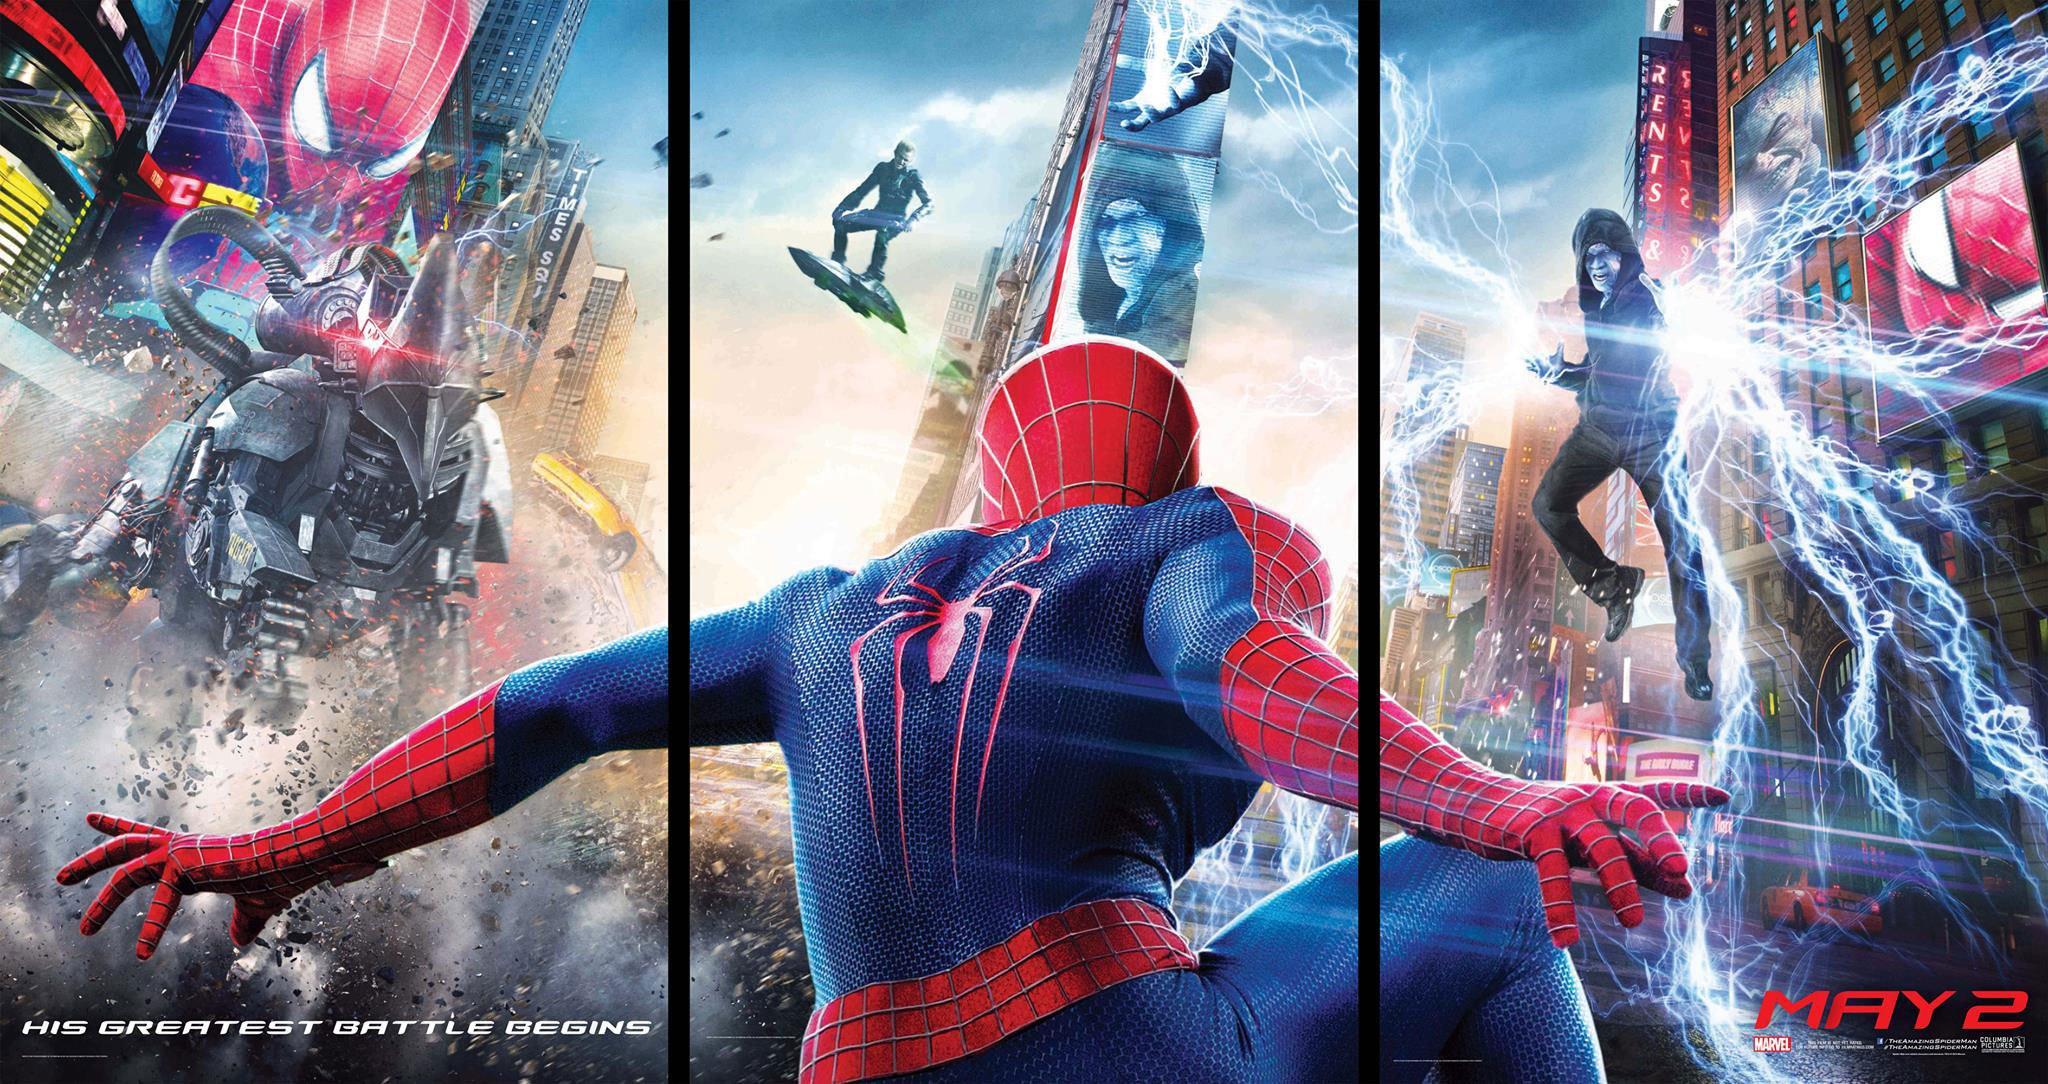 Amazing-Spider-Man-2-131203-02